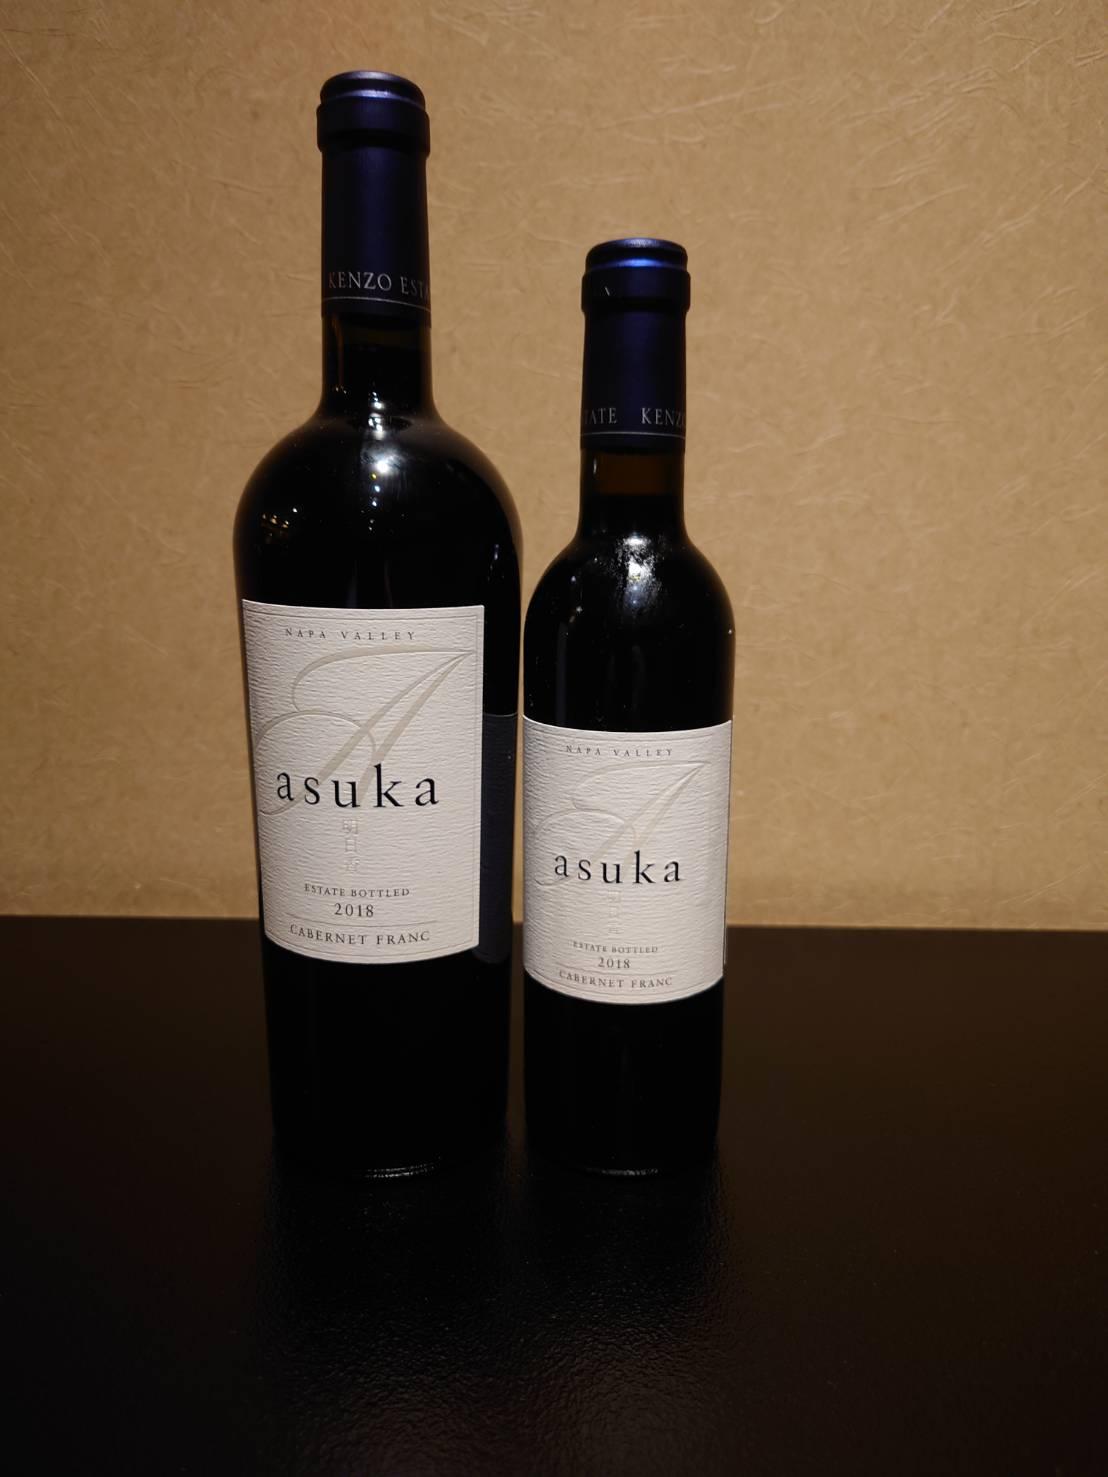 【日本料理みつわ】KENZO  ESTATE -asuka-<p>KENZO ESTATE「明日香 asuka」の ニューヴィンテージ2018が、 2年ぶりにリリースされました。 良質なカベルネ・フランが収穫された年にのみつくられる、 生産量の少ない希少なワインでございます。 エレガン […]</p>